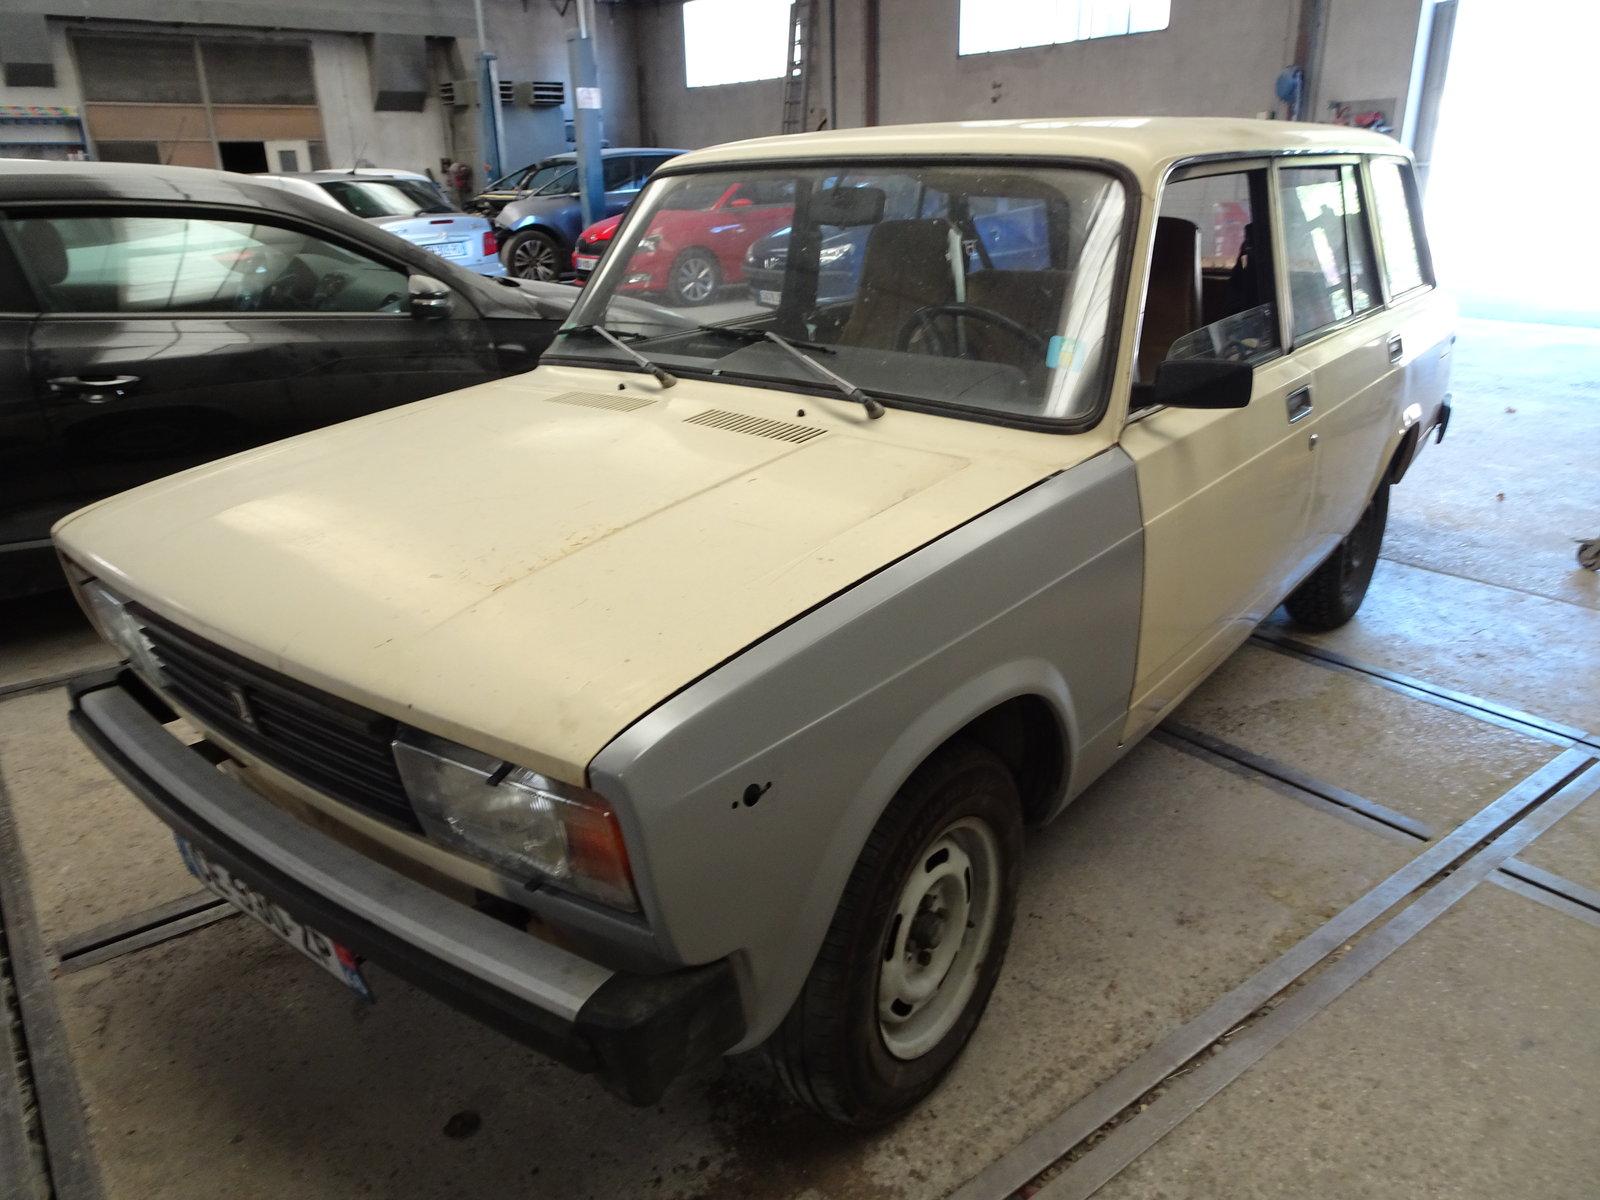 Lada 2104.3 1500GL de 1988 (ex à yoyo) - Page 2 190802072509307379